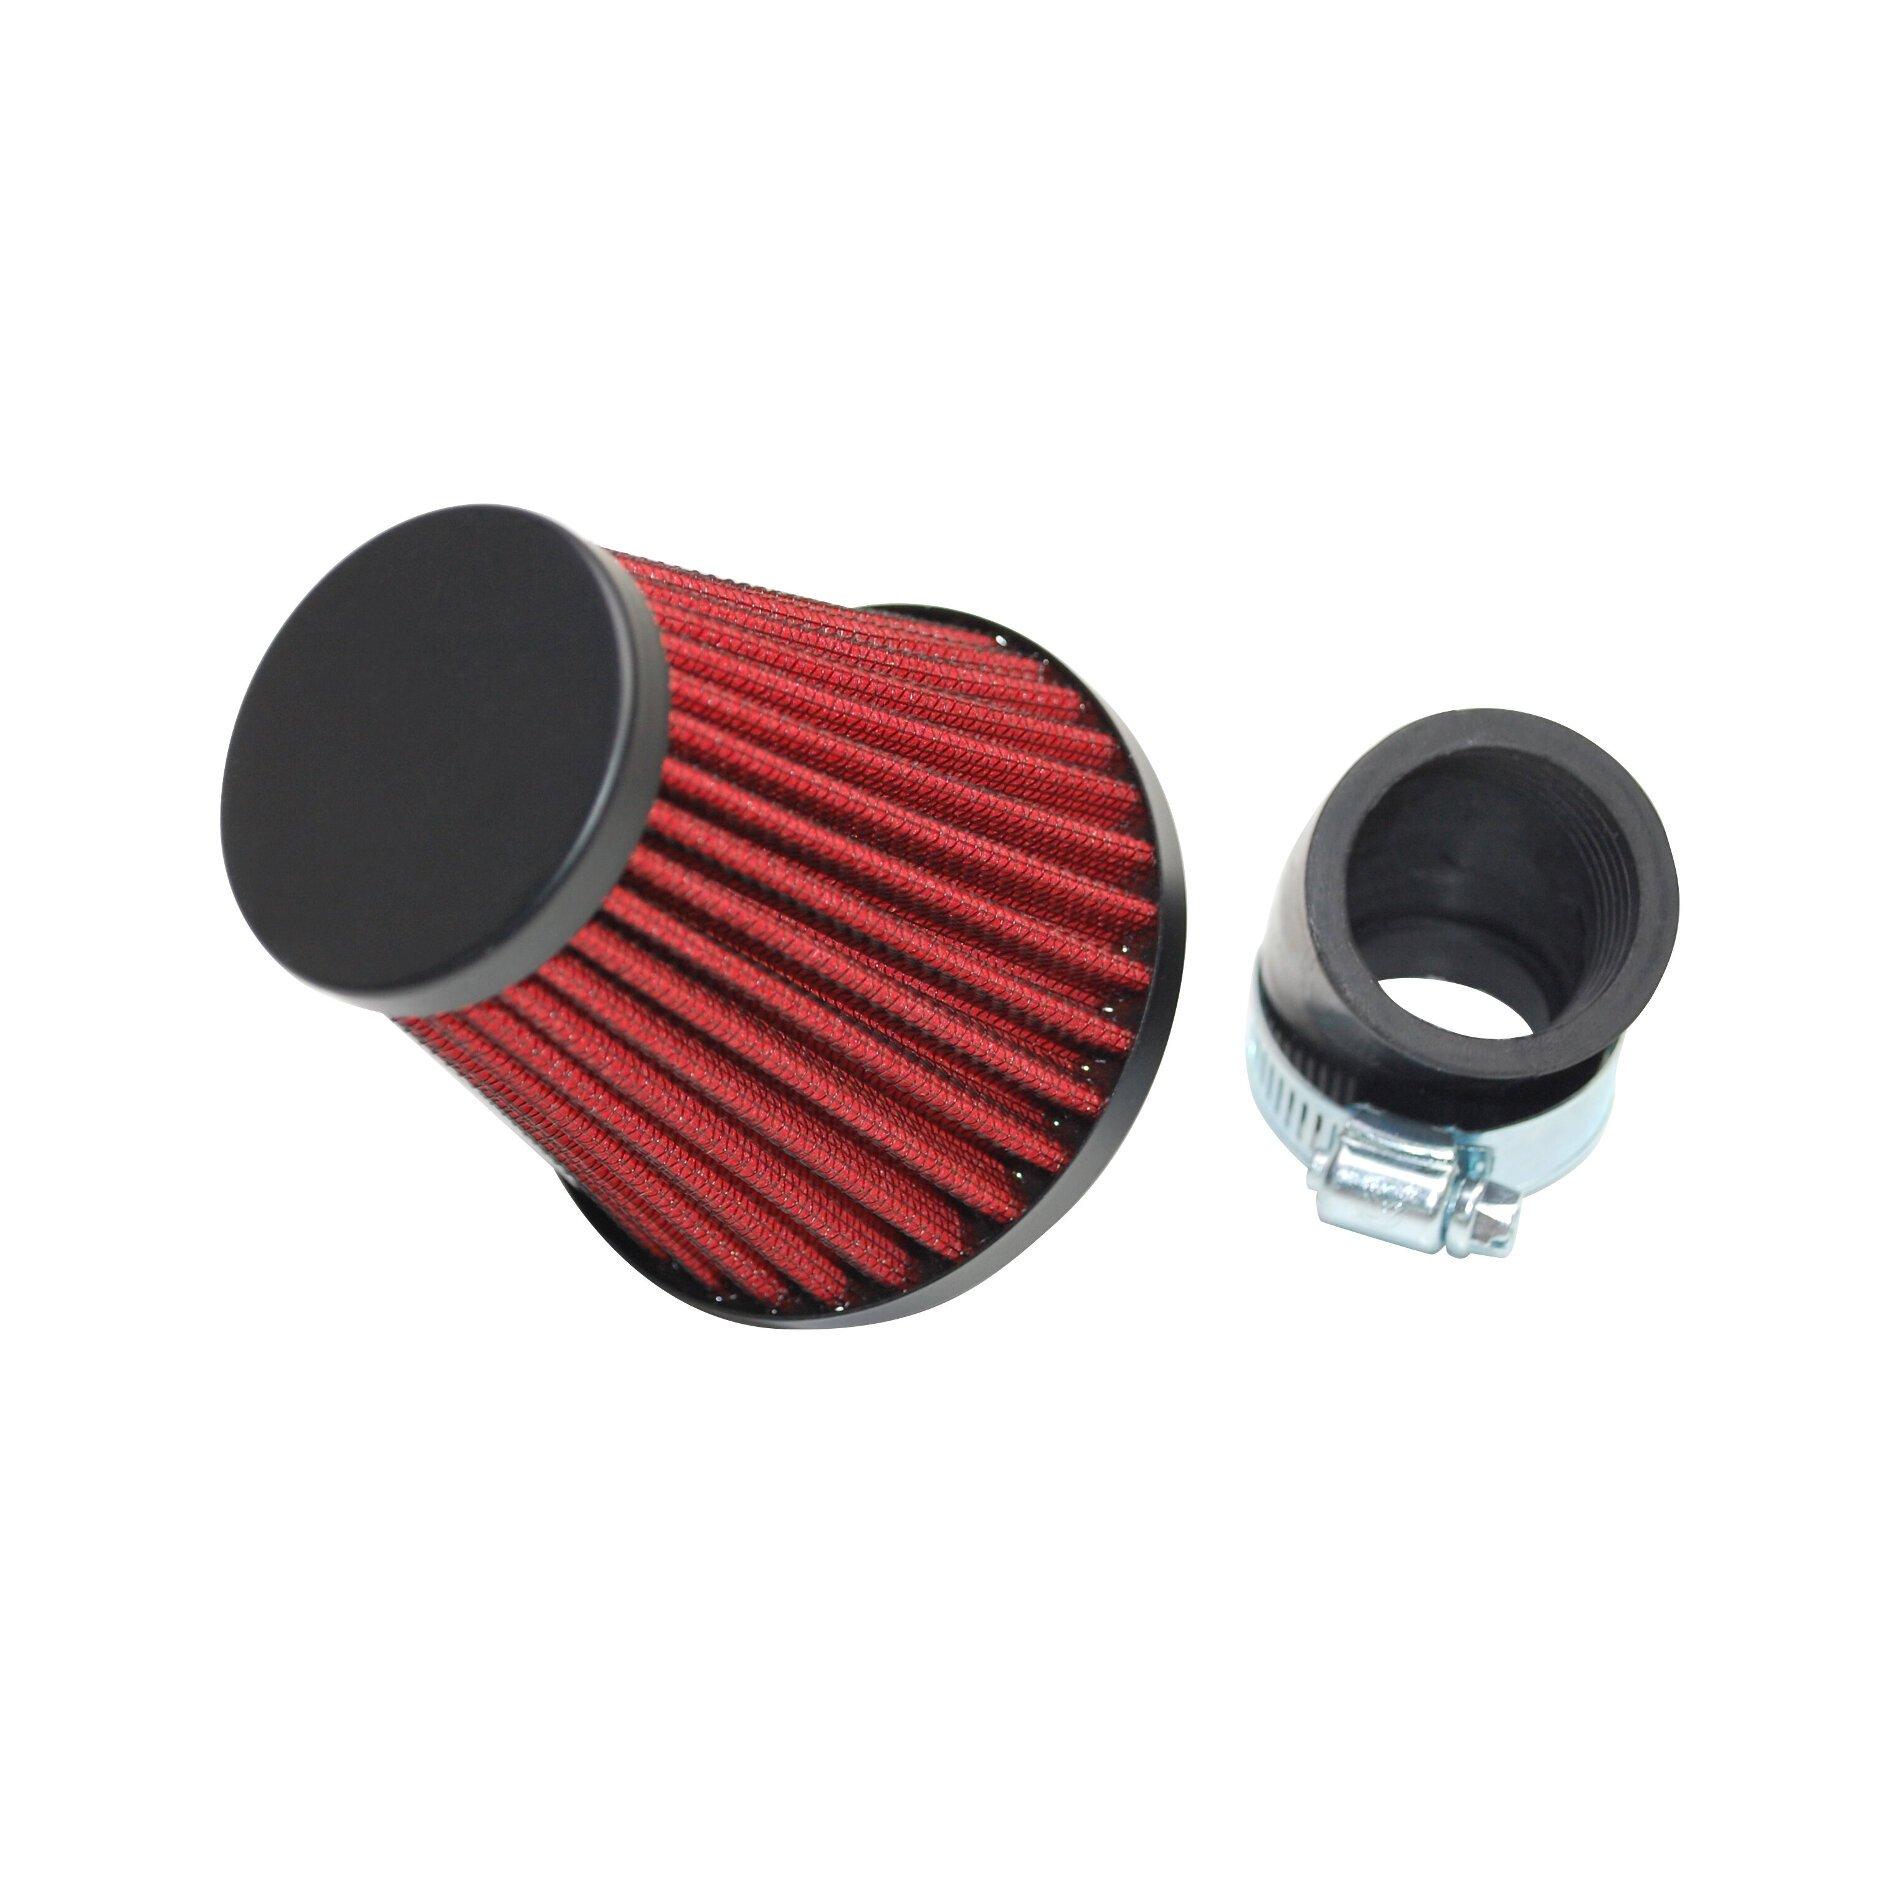 Filtre à air Replay KN XL noir/rouge D. 35/28